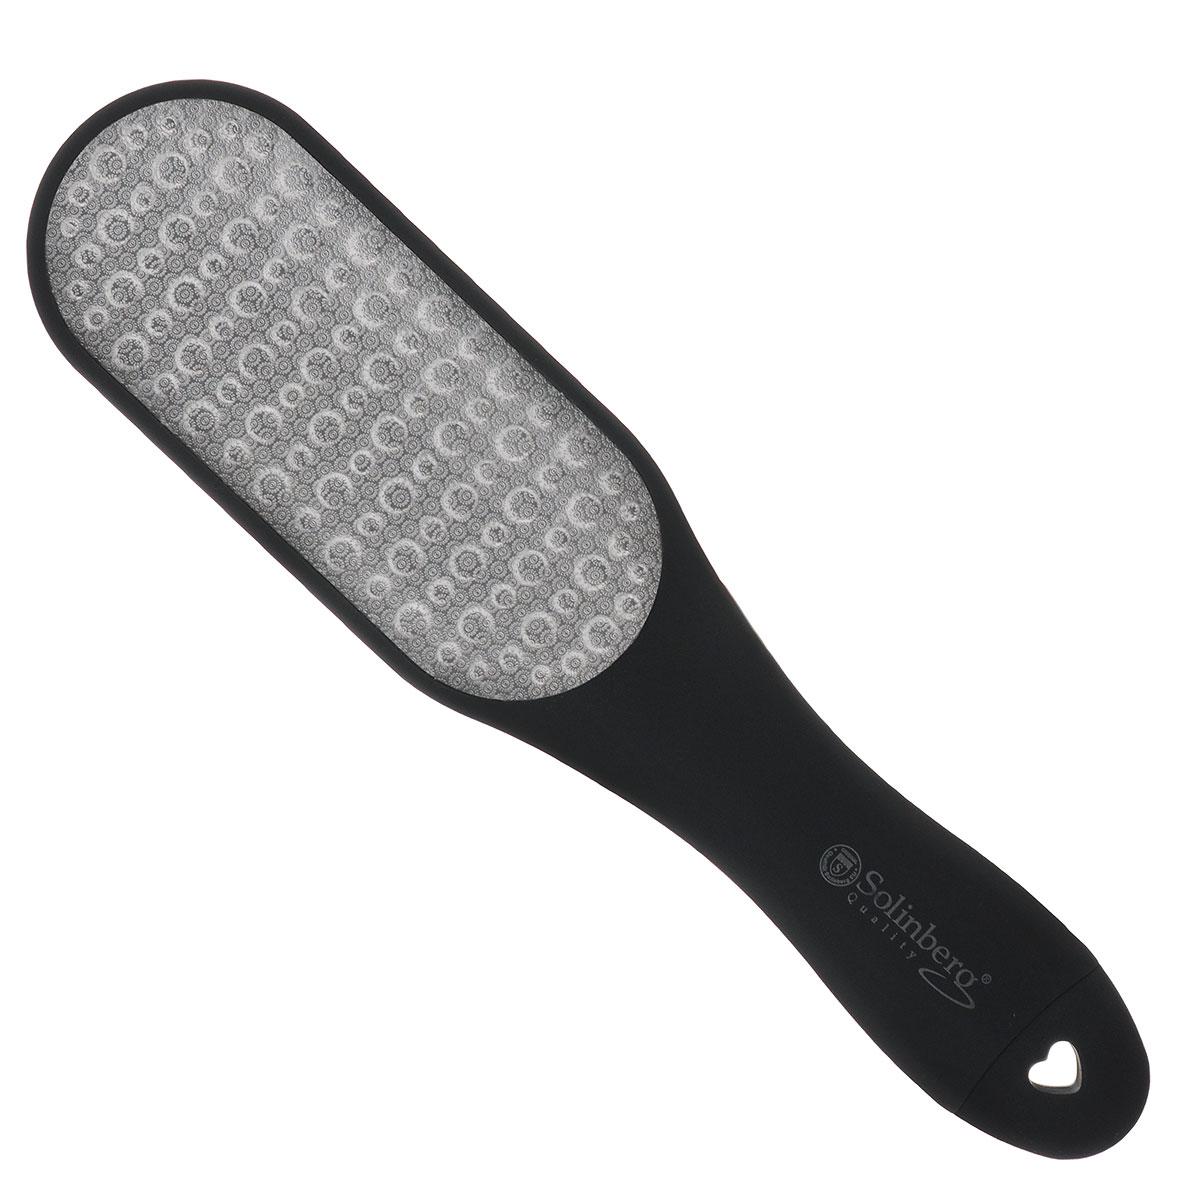 Solinberg Терка для обработки мозолей и огрубевшей кожи ног GD-4240DS, двусторонняя261-4240Двусторонняя вогнутая терка с лазерными насечками и пилочкой для ногтей предназначена для ухода за огрубевшей кожей ног.Способ применения: распарьте ступни ног и равномерными движениями удалите загрубевшую кожу. Пилочкой в ручке терки, при необходимости, обработайте ногти. После процедуры смажьте ступни смягчающим кремом.Товар сертифицирован.